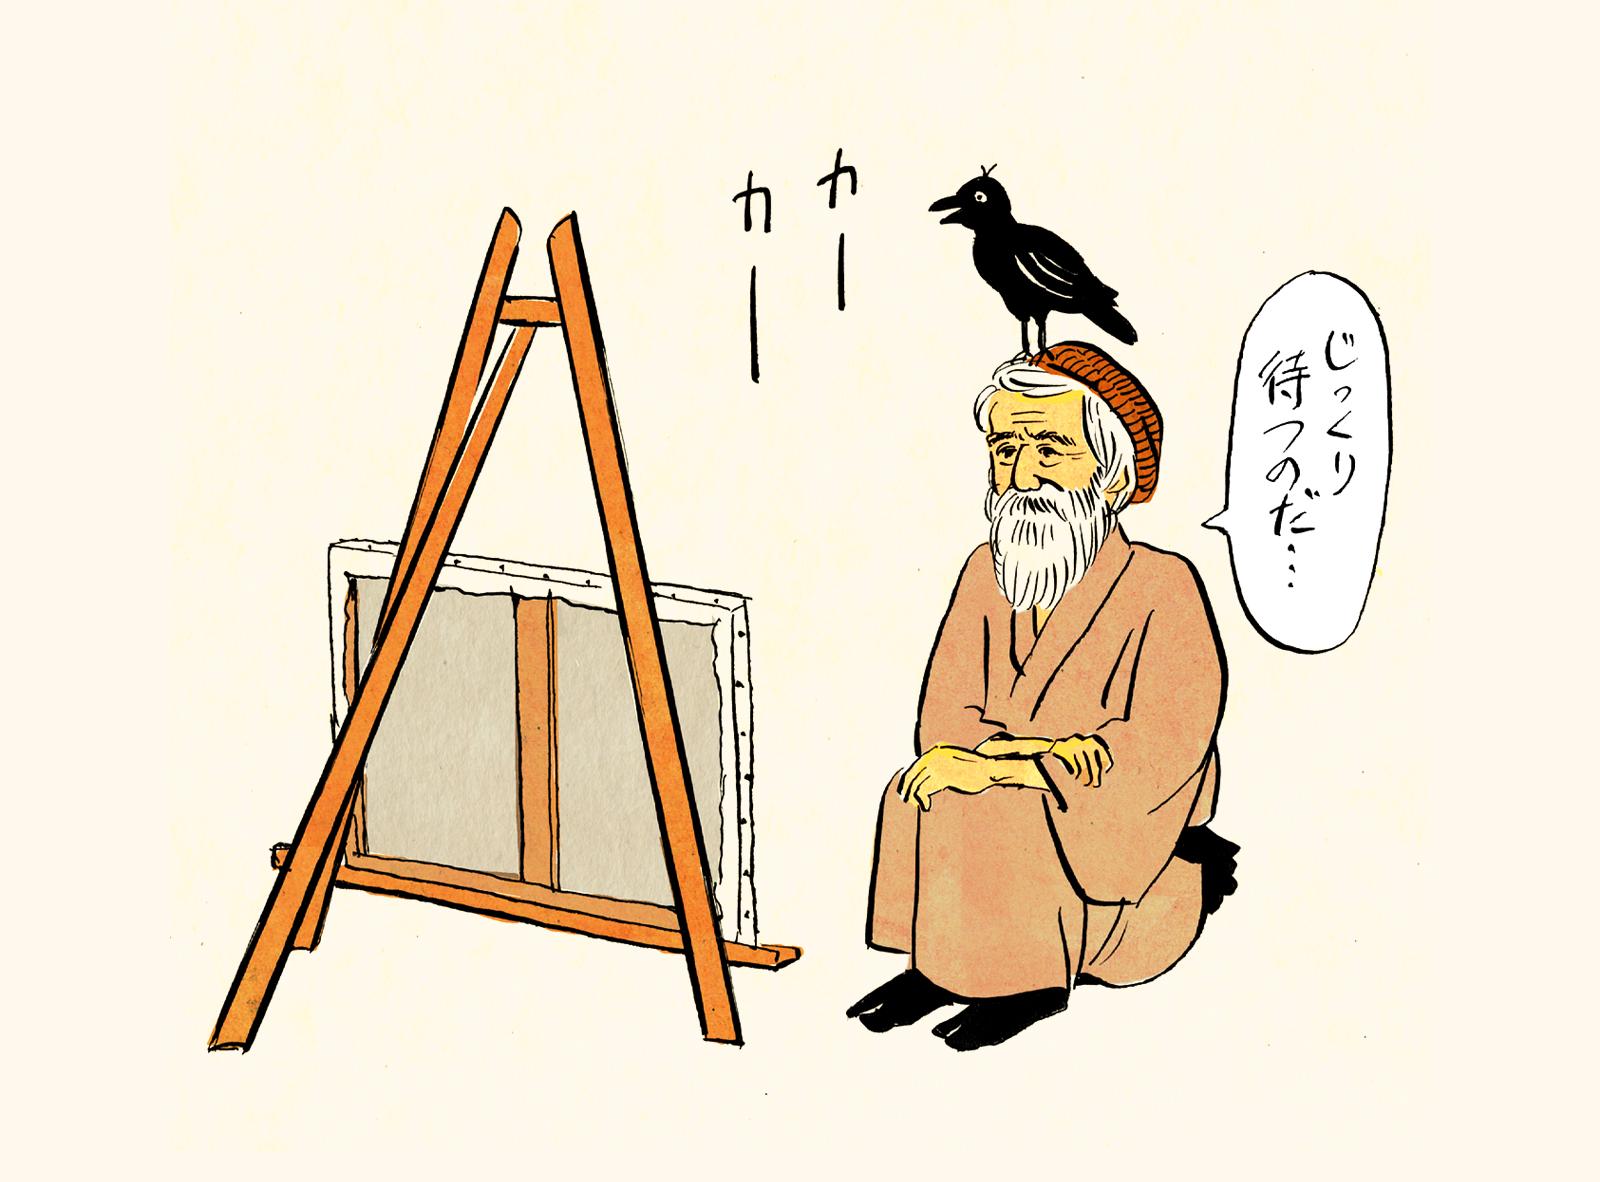 アートを我らに!